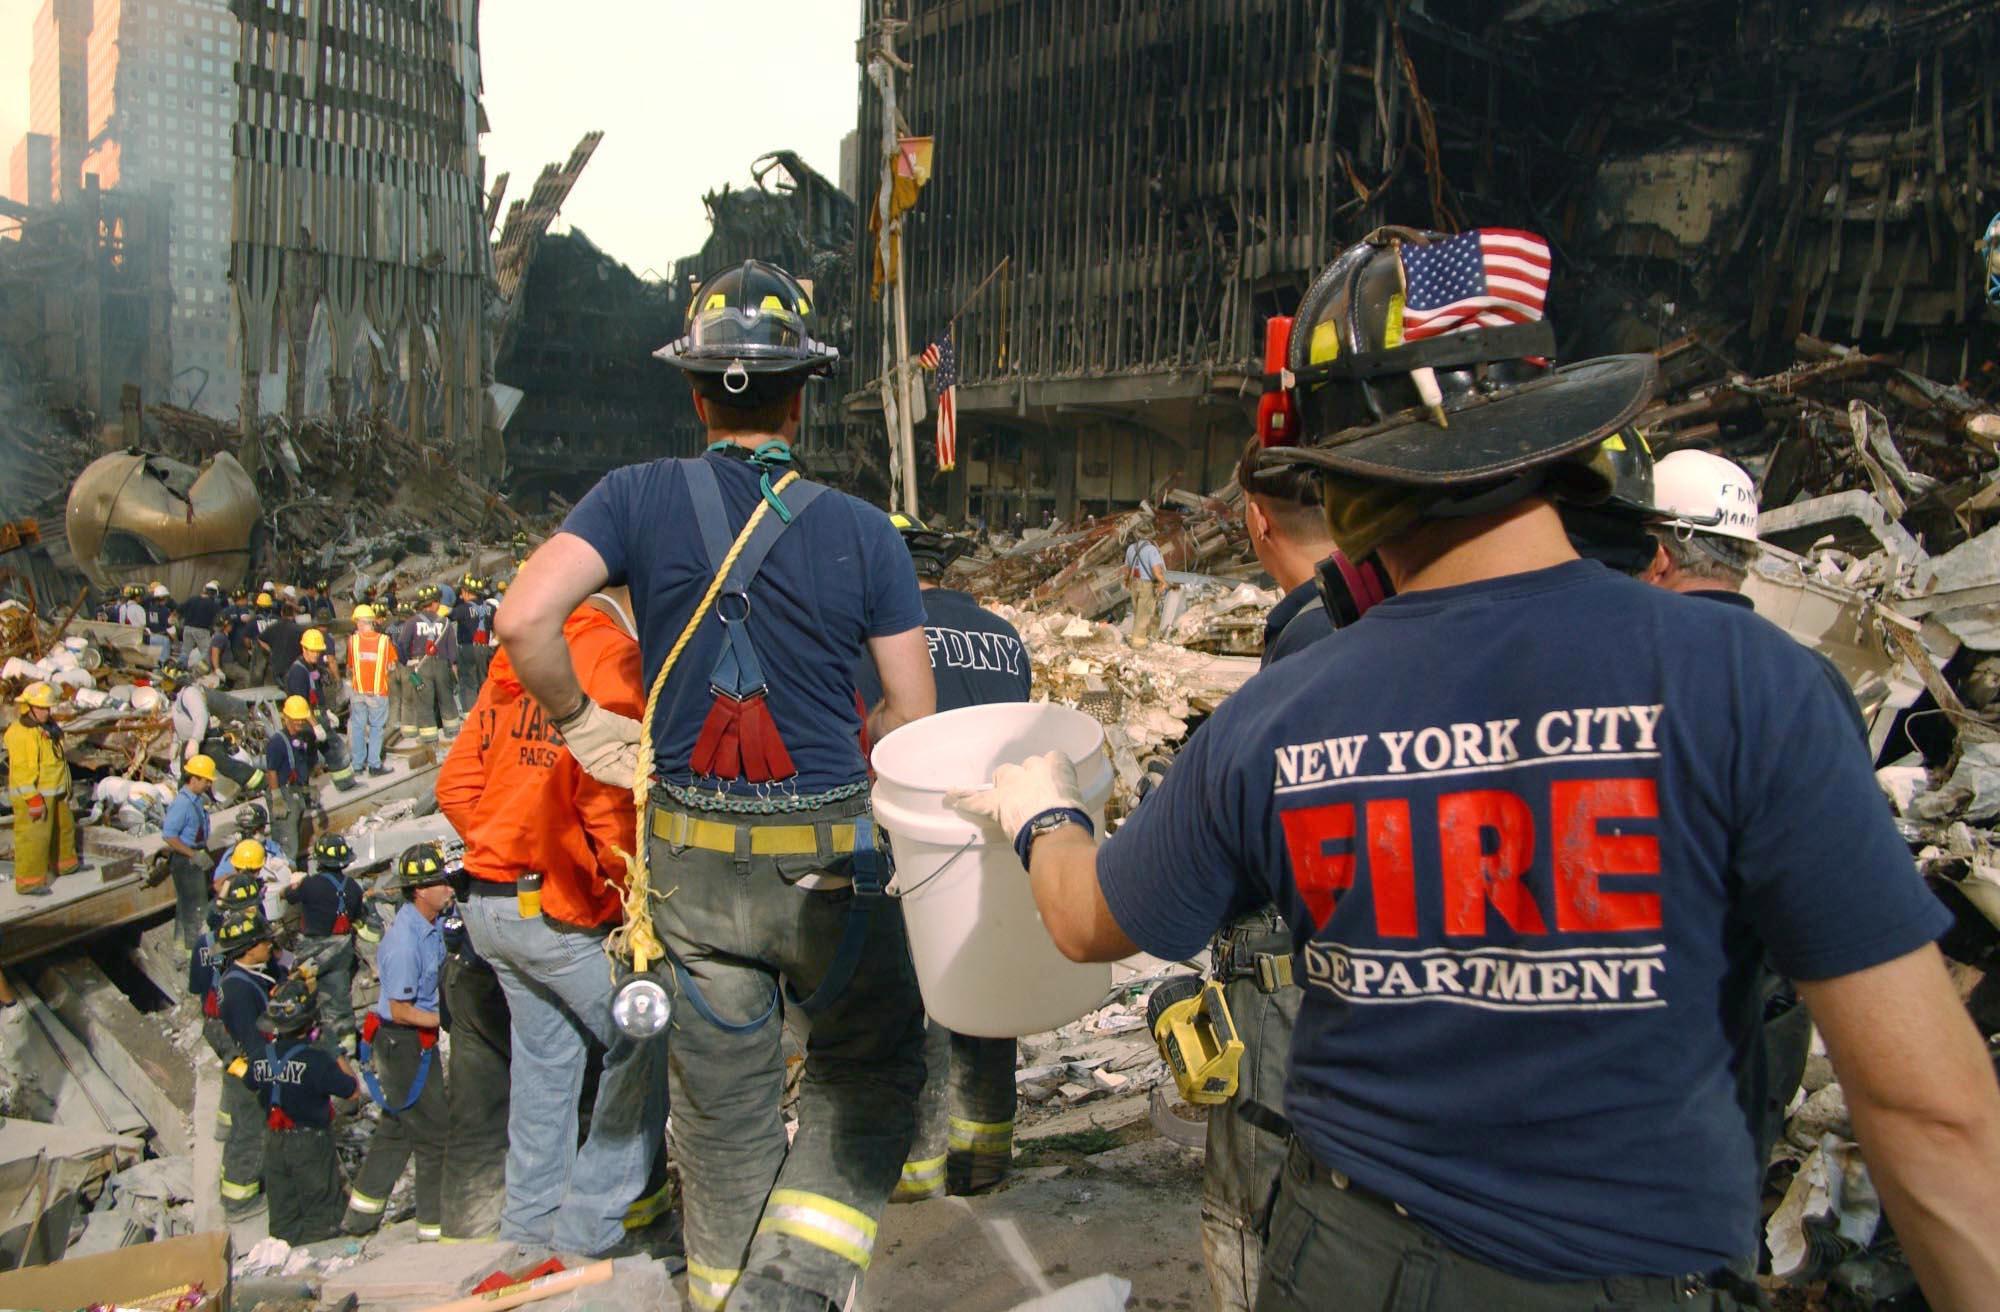 عناصر في فرق الإطفاء والإنقاذ في موقع الهجمات في 19 أيلول 2001